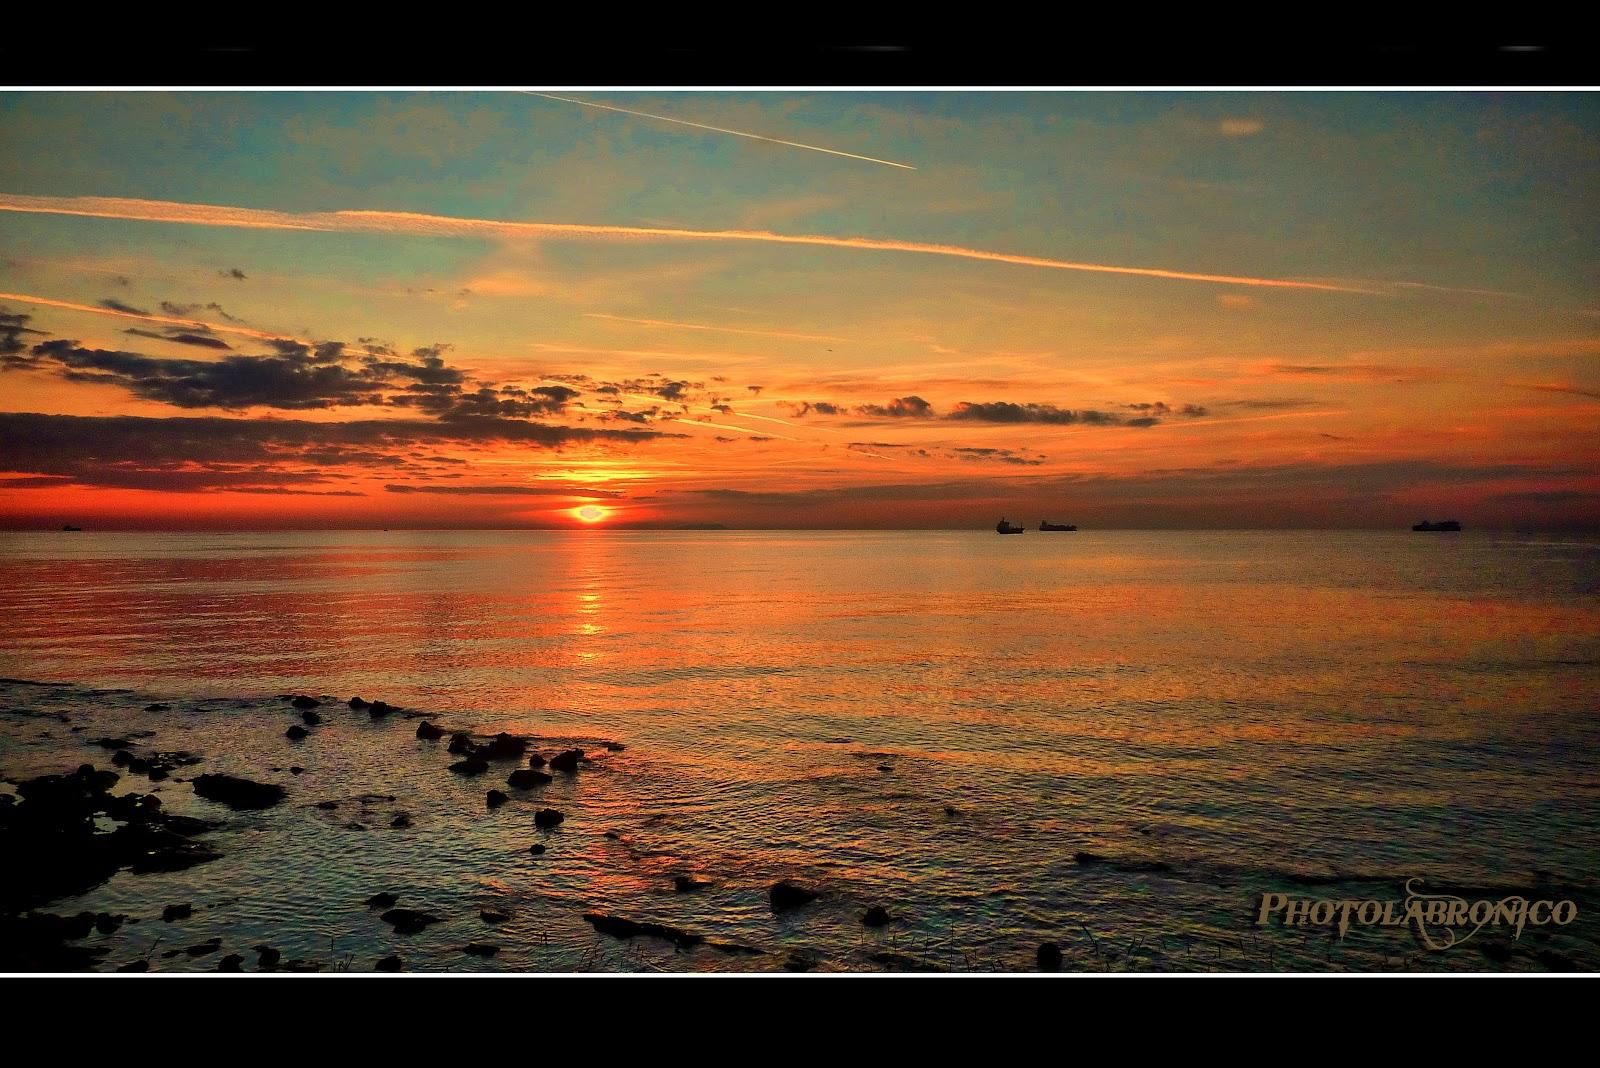 Photolabronico Tramonti sulla costa Labronica